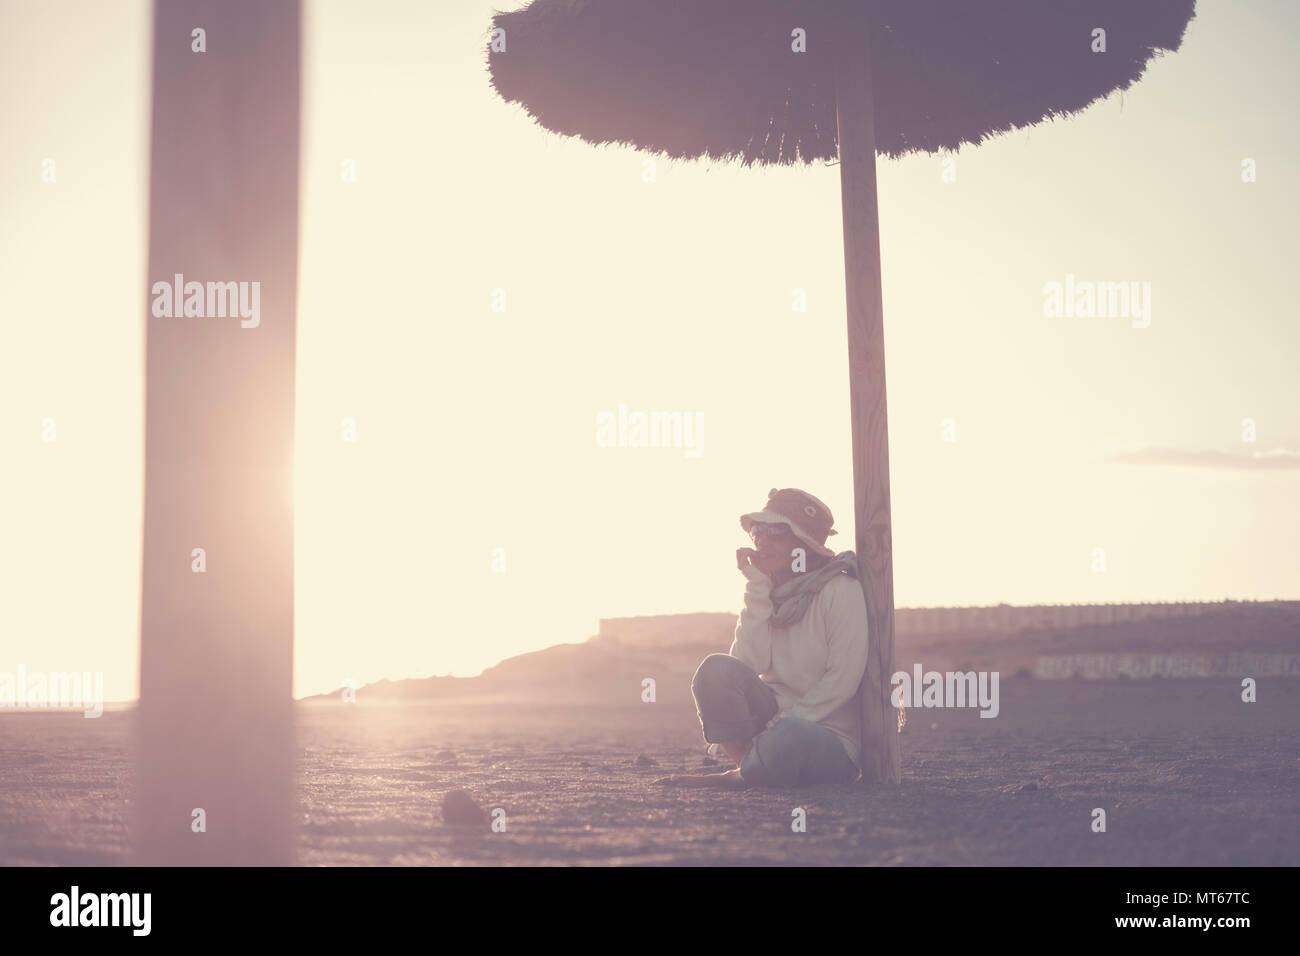 Belle femme d'âge moyen solitaire s'asseoir à la plage avec incroyable coucher du soleil la lumière sur l'arrière-plan. Ténérife scenic pour des vacances d'été leisu. Photo Stock